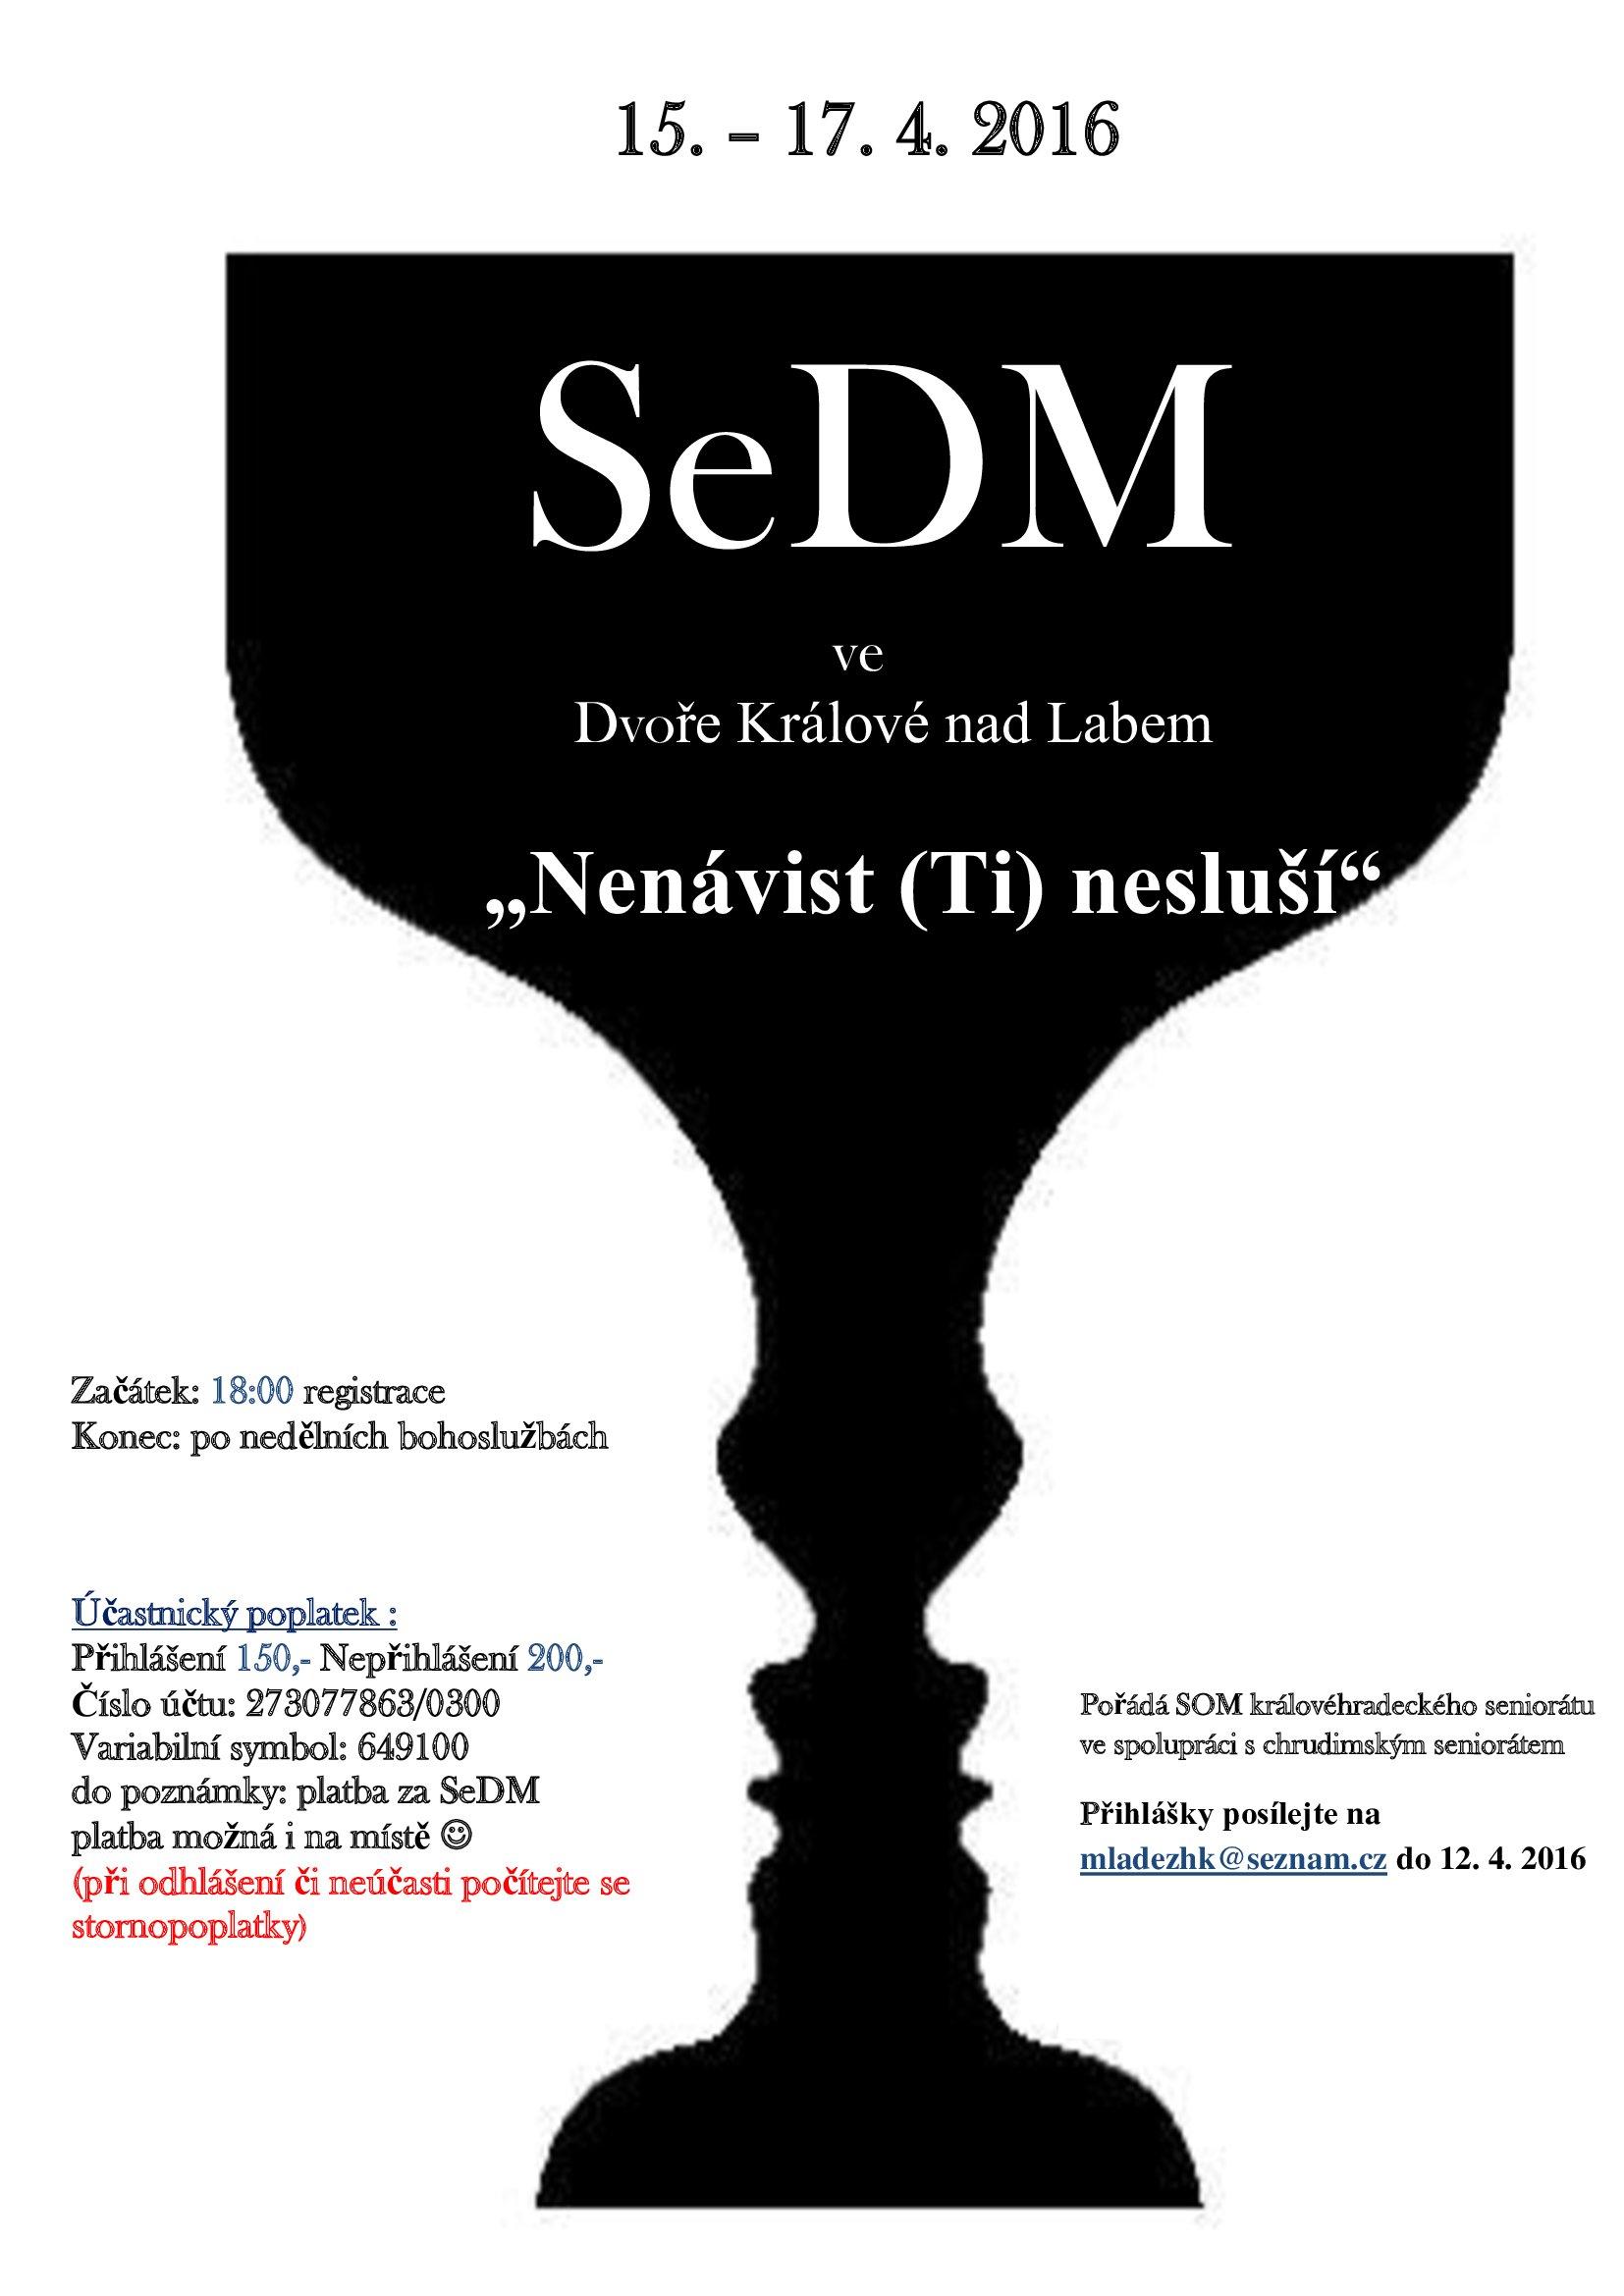 SEDM2016